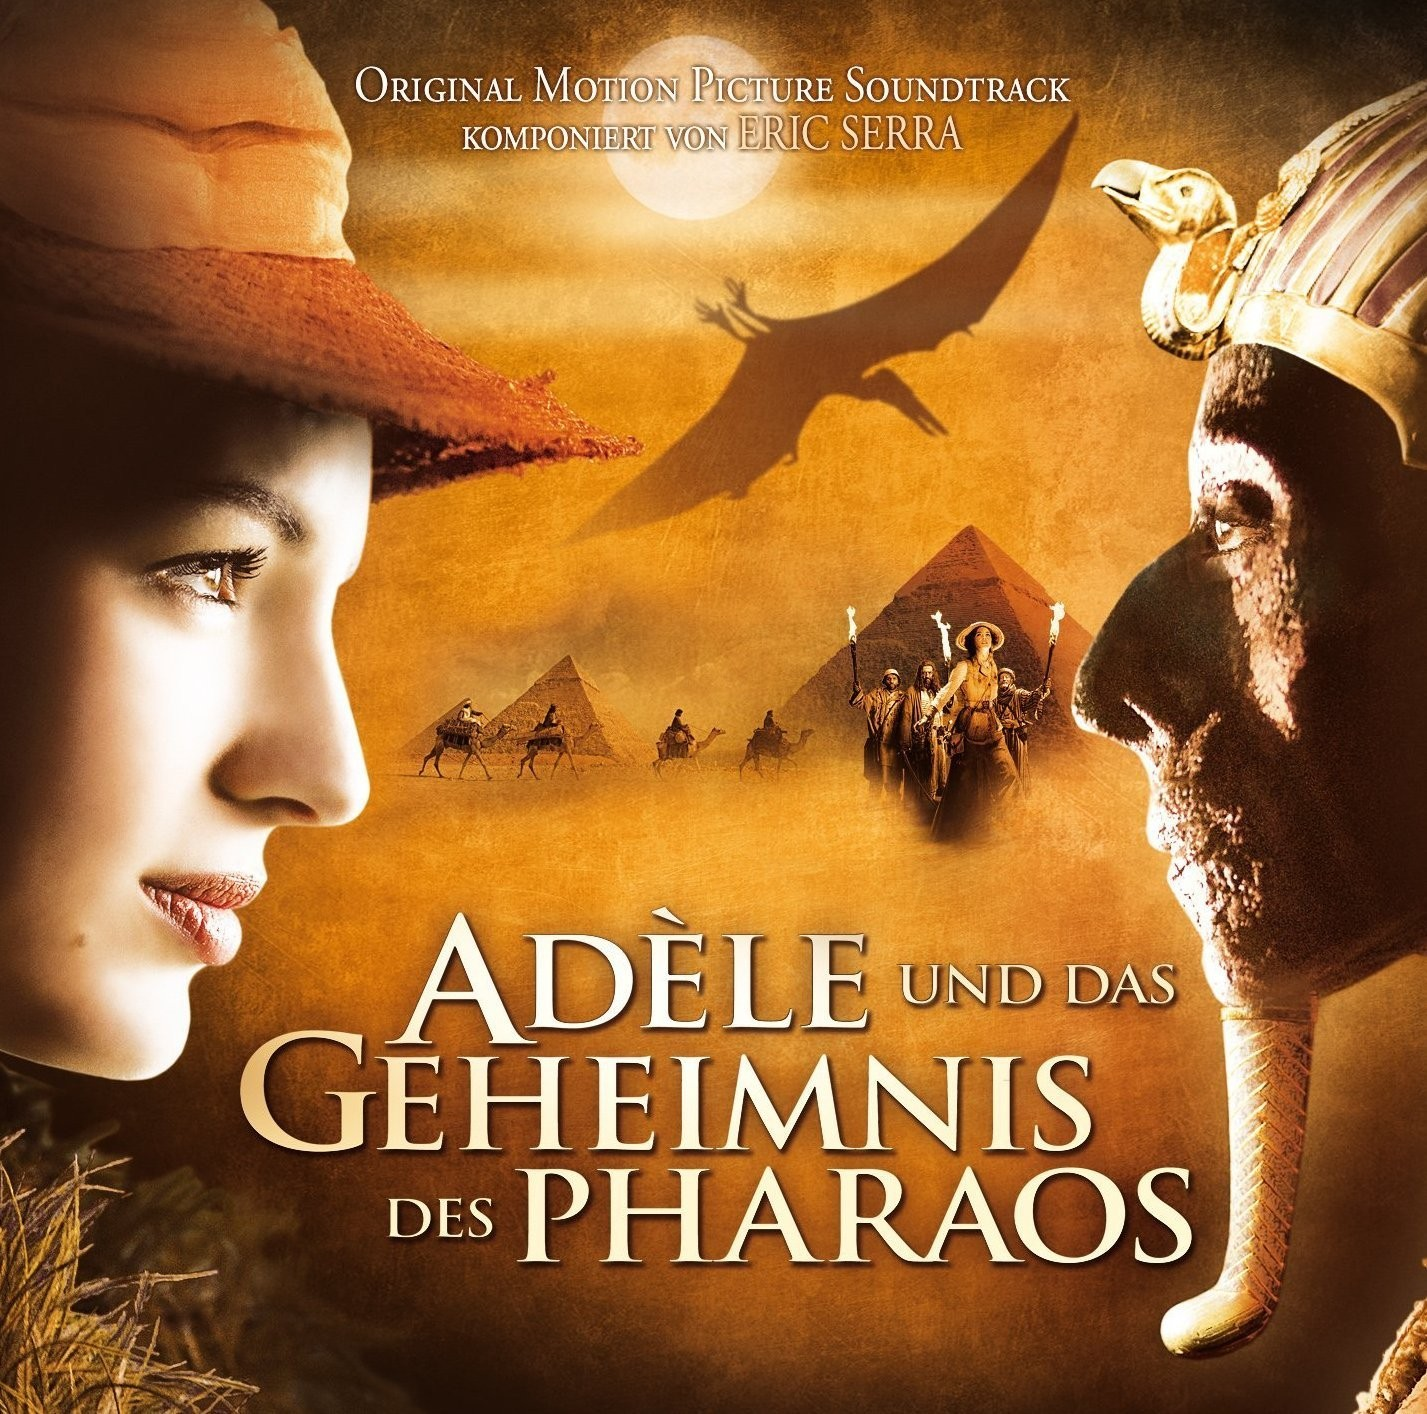 Adele Und Das Geheimnis Des Pharaos Imdb